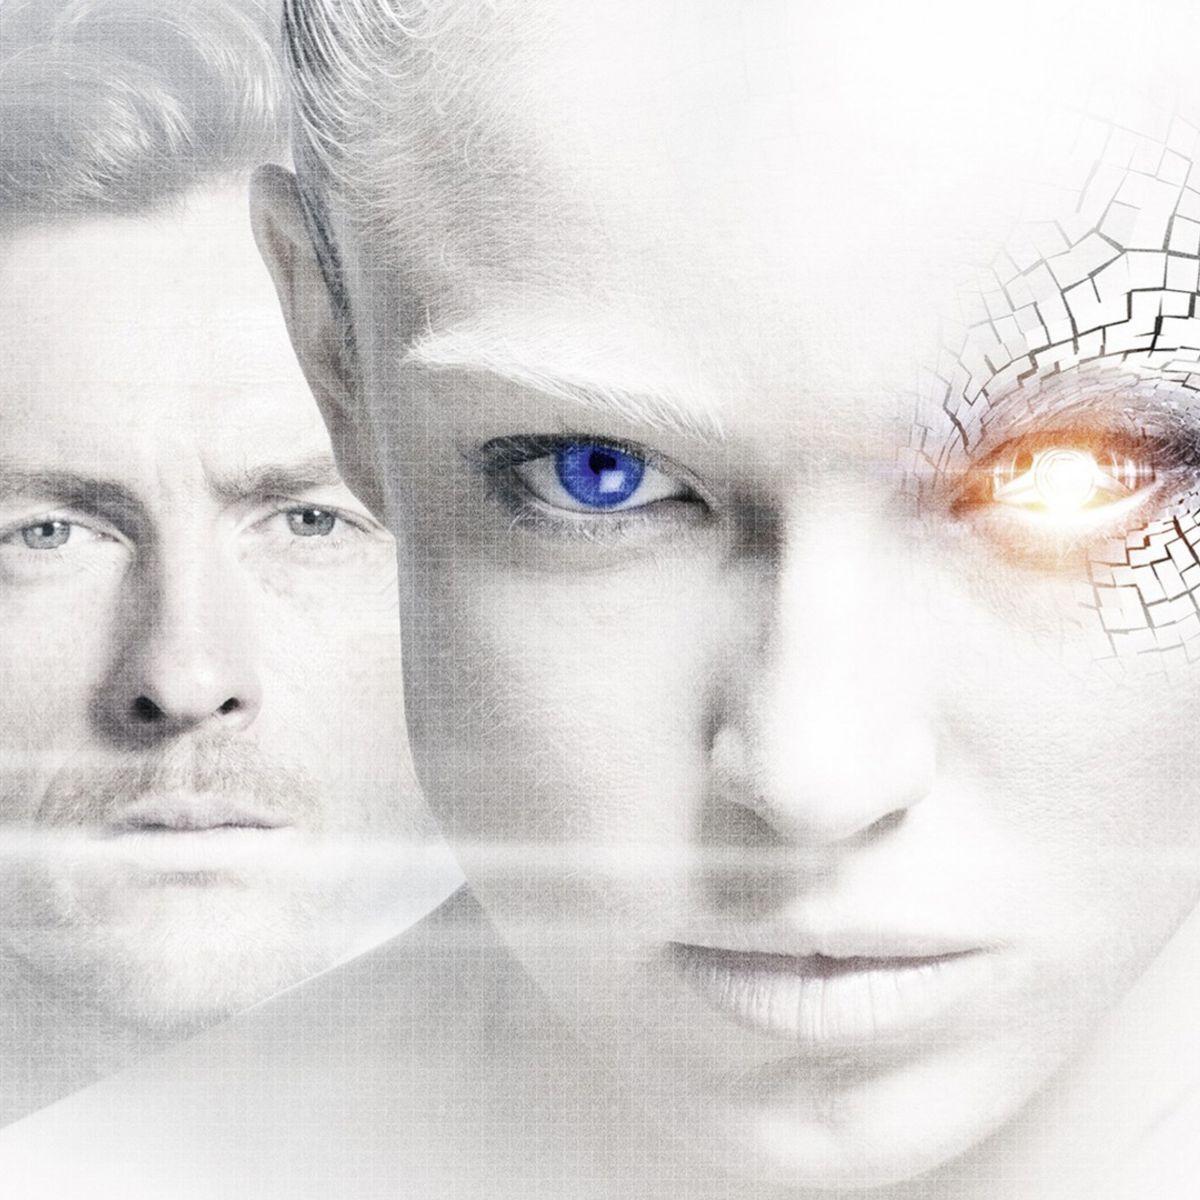 The_Machine_movie-2013.jpg